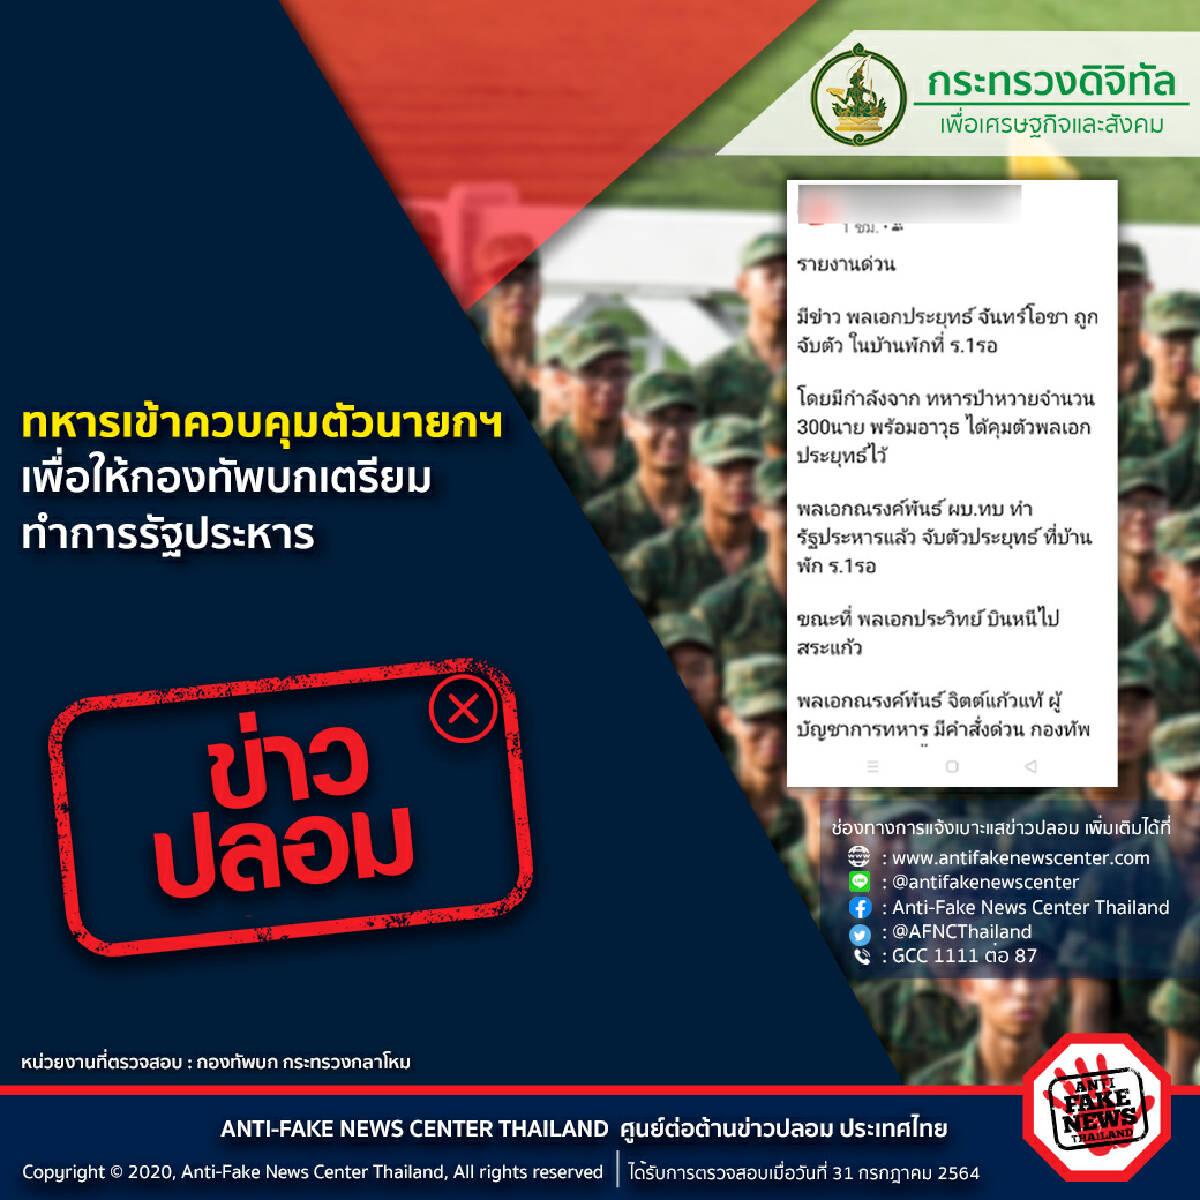 ข่าวปลอมทหารเตรียมรัฐประหาร